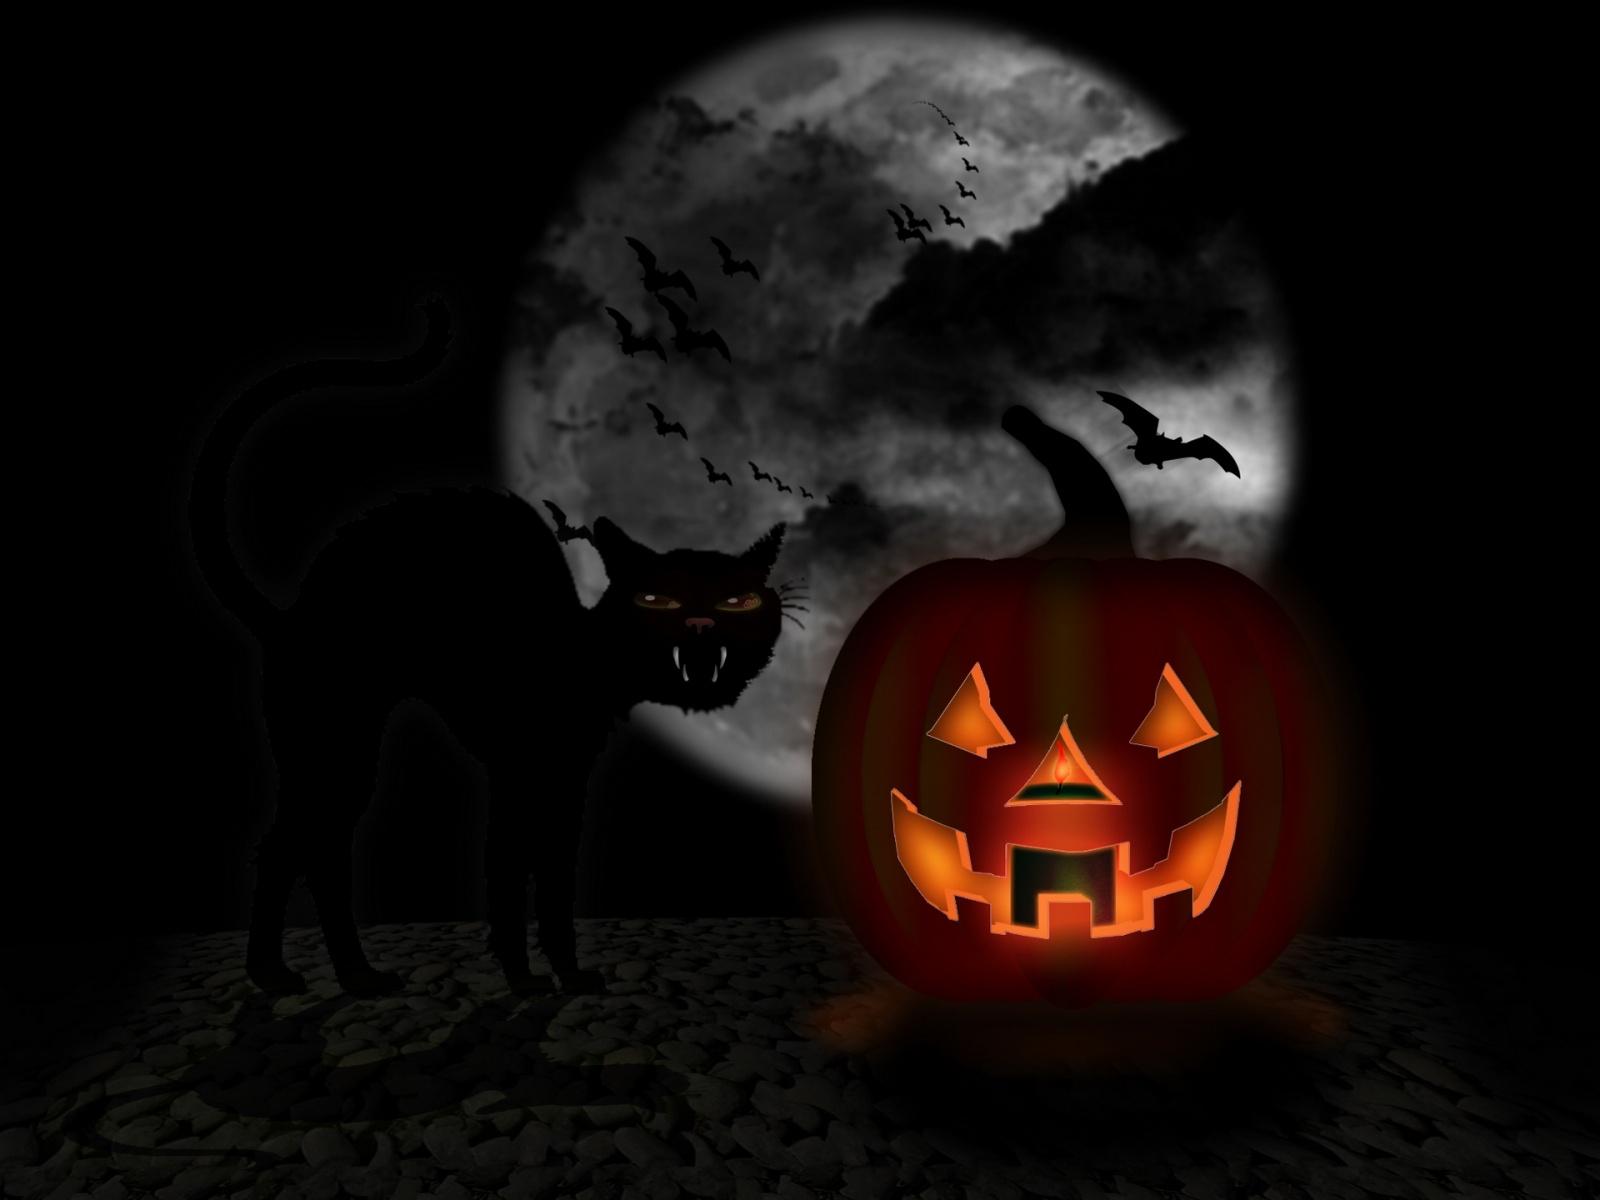 Halloween Wallpapers Wallpaper Pictures 1600x1200